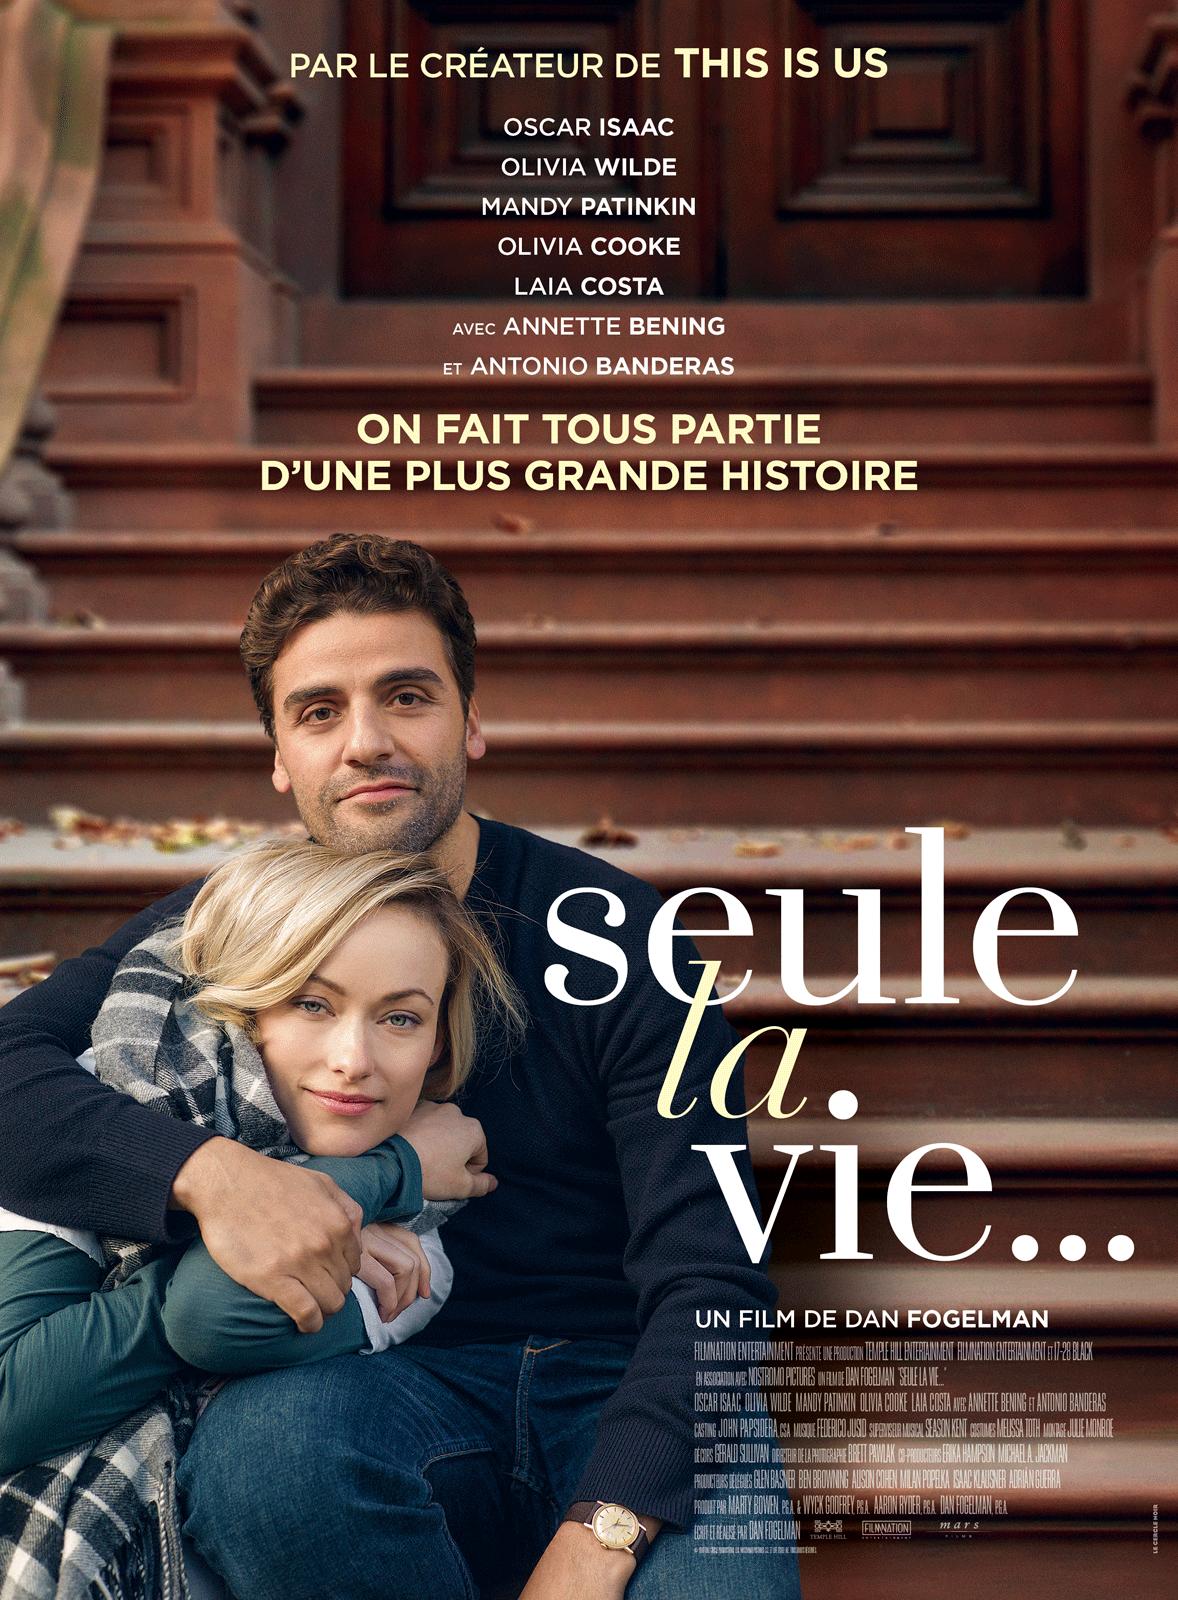 Seule la vie... - Film (2018)